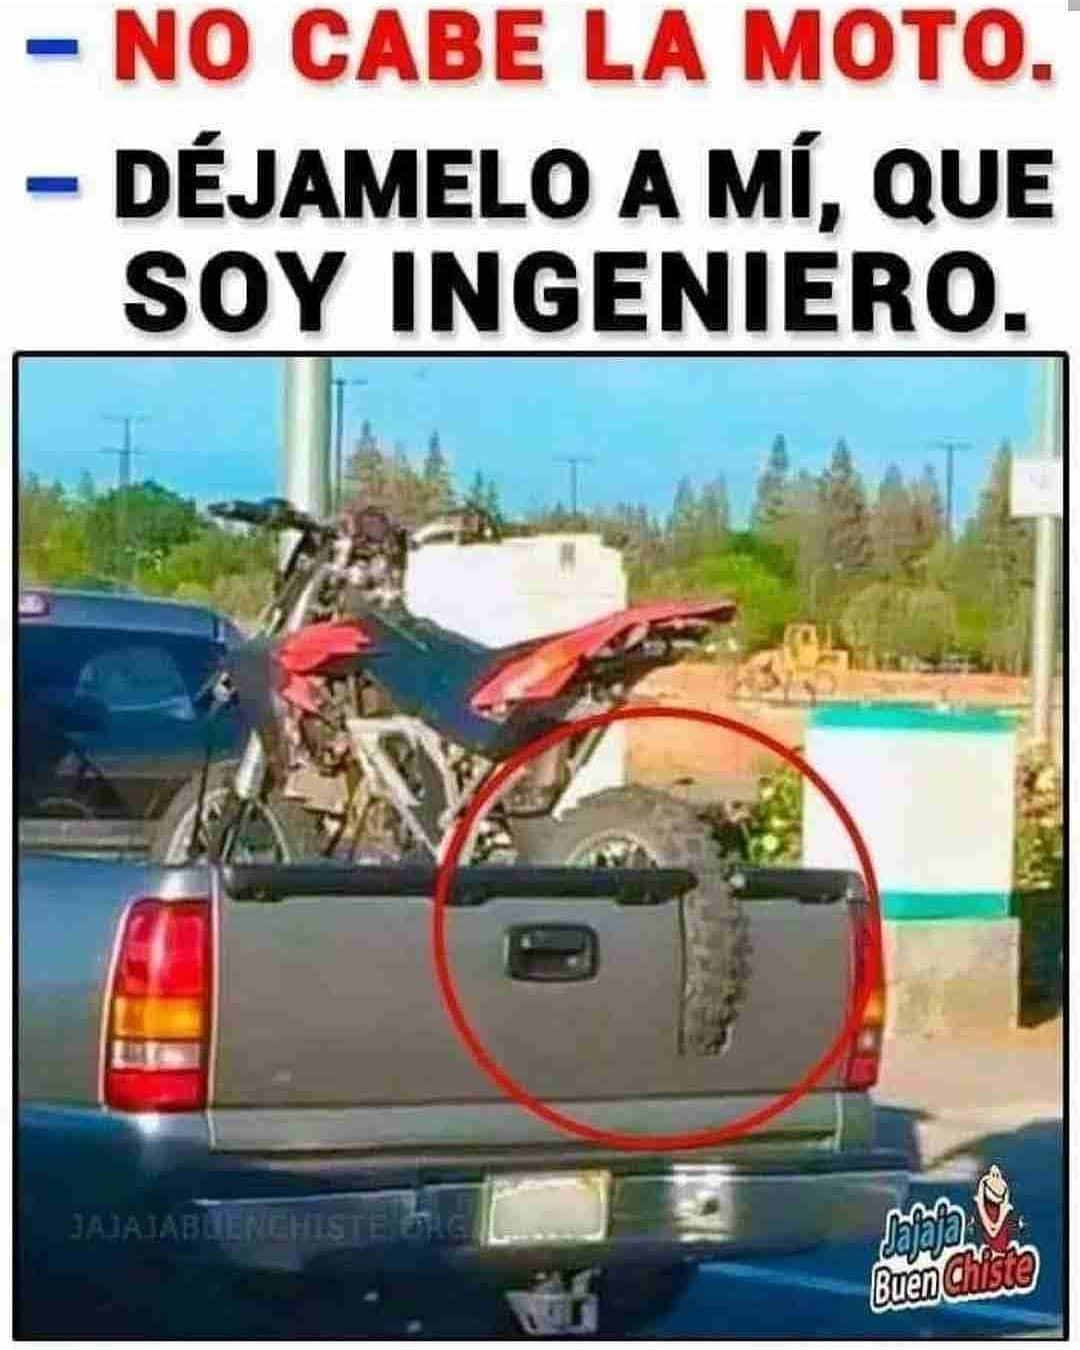 No cabe la moto.  Déjamelo a mí, que soy ingeniero.